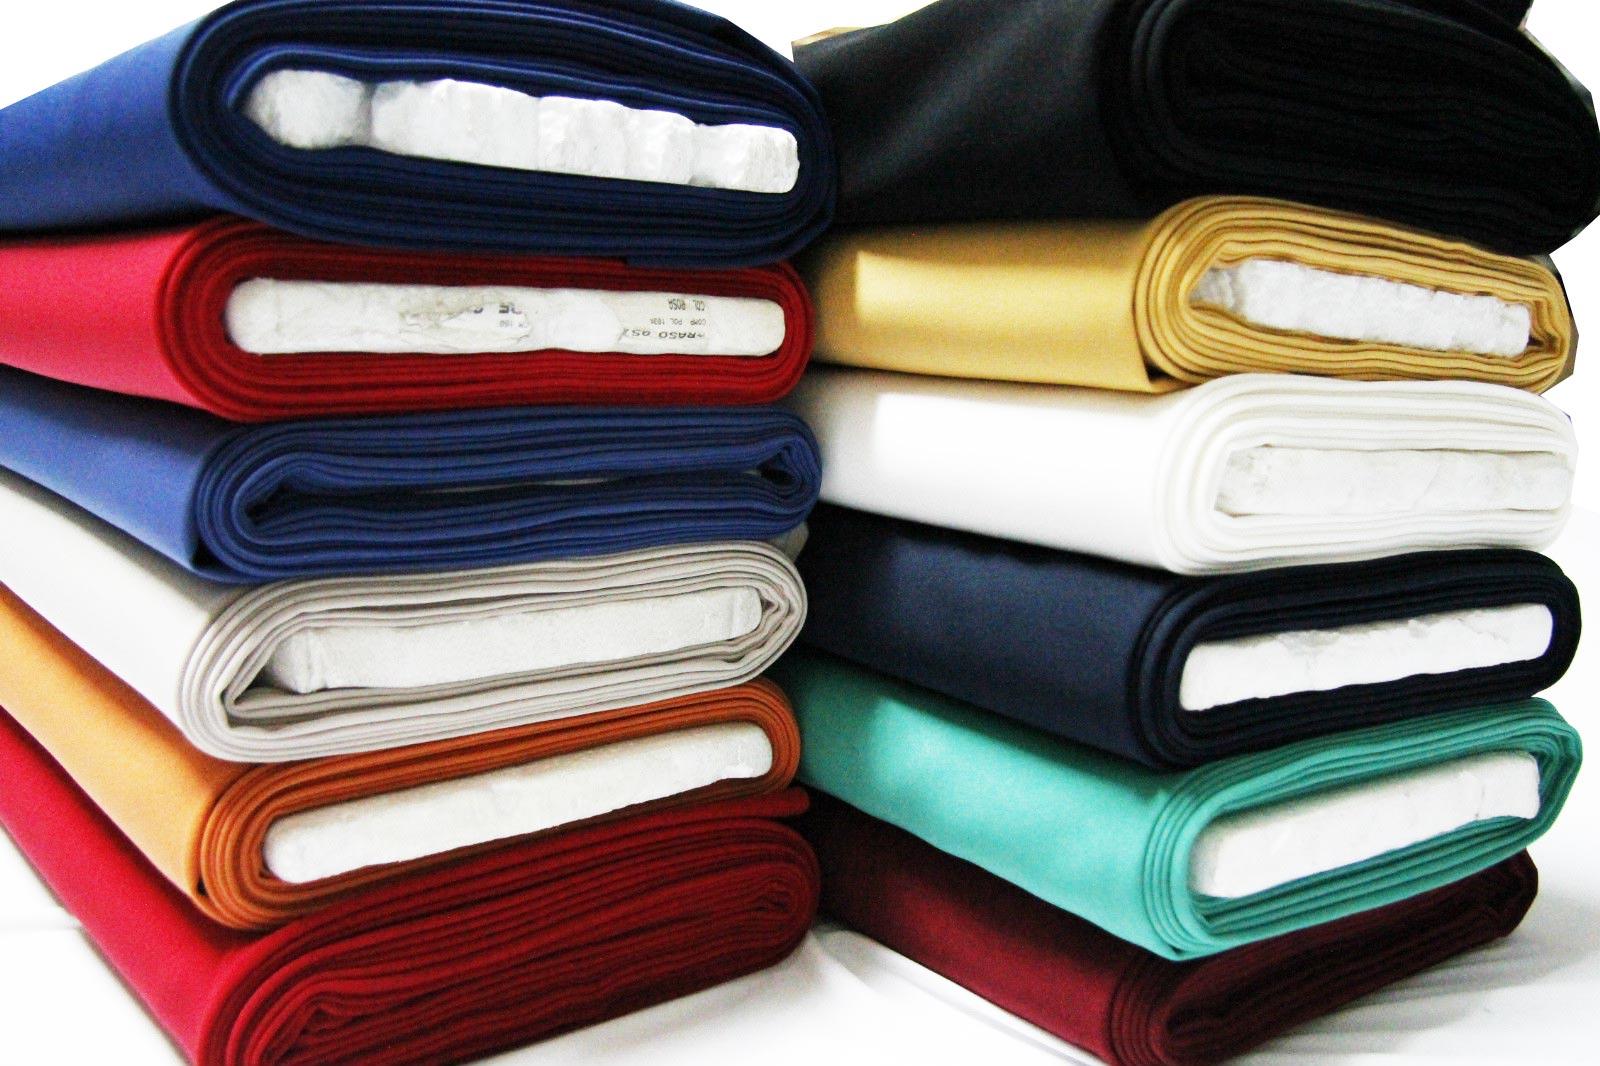 f9b219125a Dettagli su Tessuto Abbigliamento Cadì di Viscosa Bielastico elastica Vari  Colori Metraggio